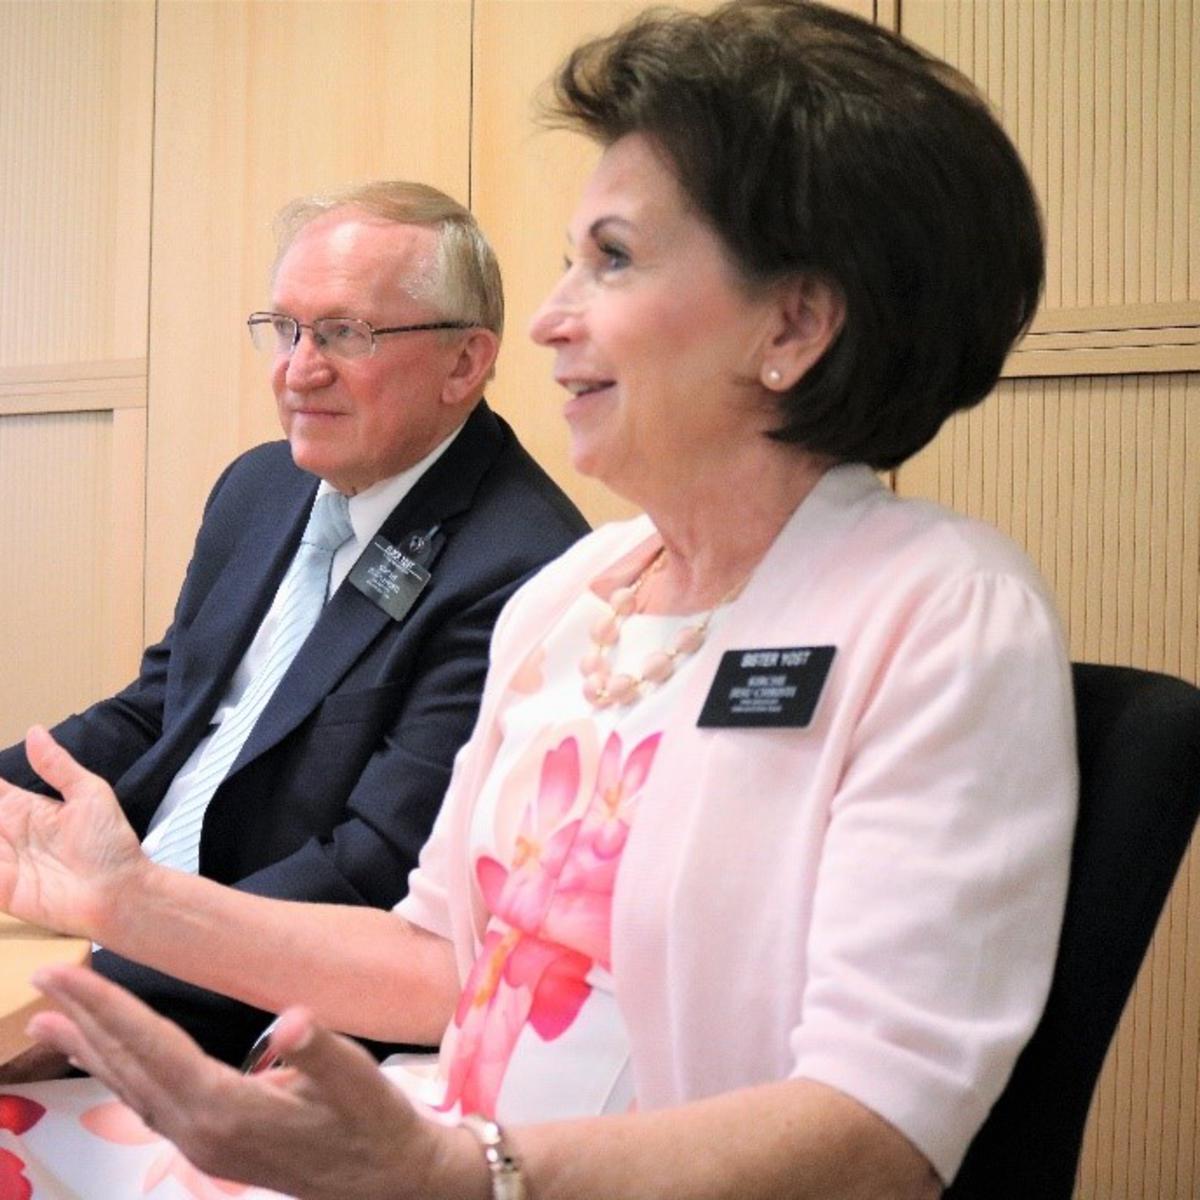 Fred en Susan Yost, momenteel op zending in het gebiedskantoor van de kerk in Frankfurt, halen herinneringen op aan de handtekeningenactie in Slowakije, toen Fred Yost van 2004–2007 president van het zendingsgebied Praag was.